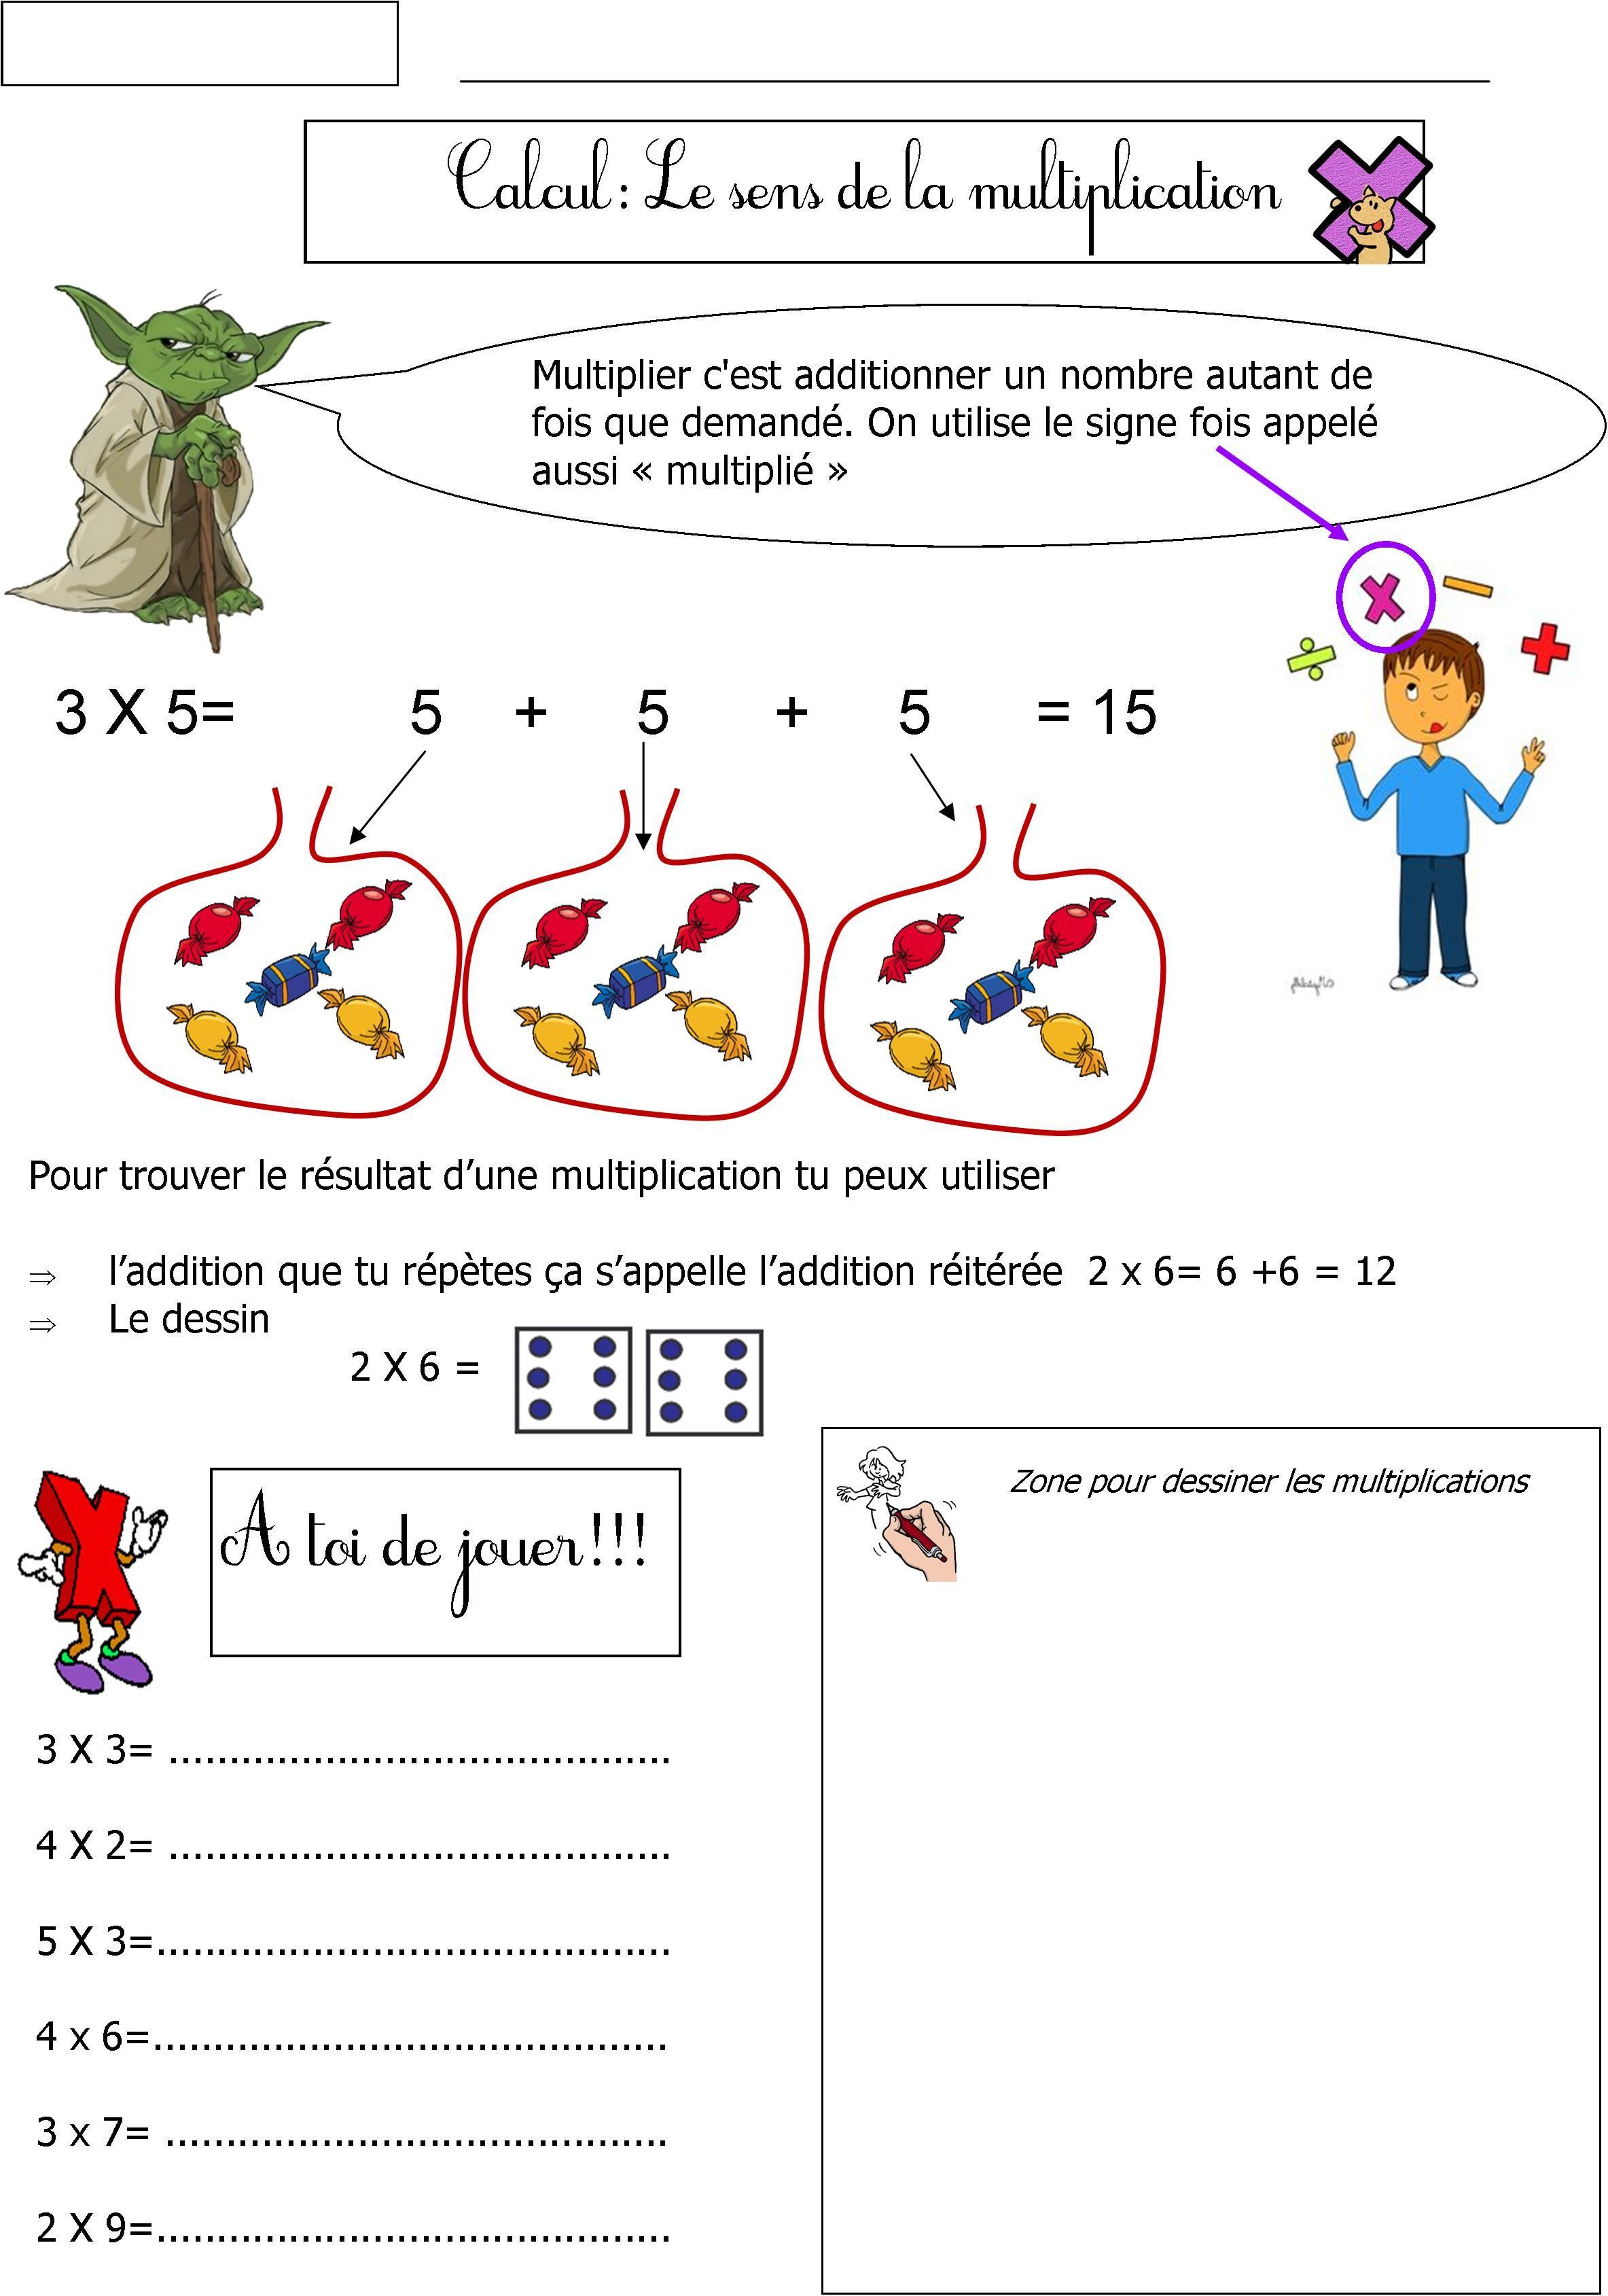 Sens de la multiplication ce1 pinterest for Apprendre la multiplication ce1